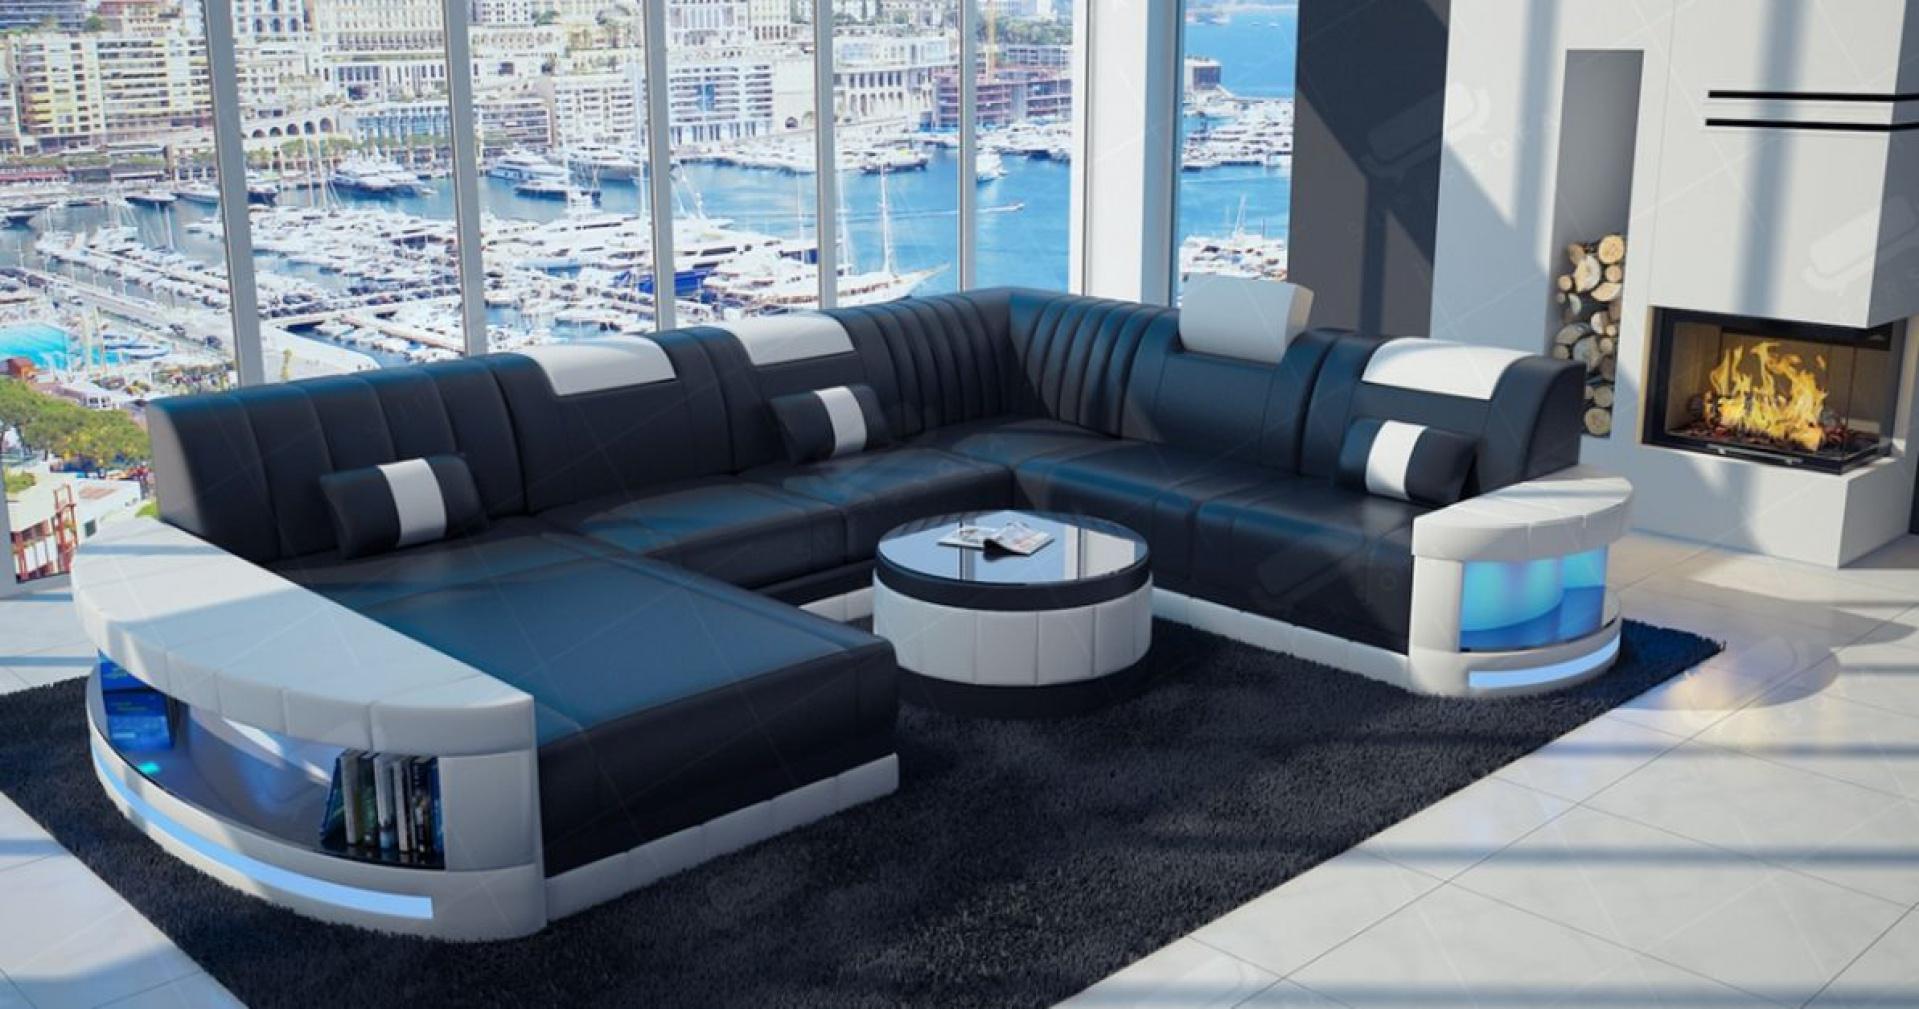 Wygodny salon w nowoczesnym stylu. Fot. Super-Sofa